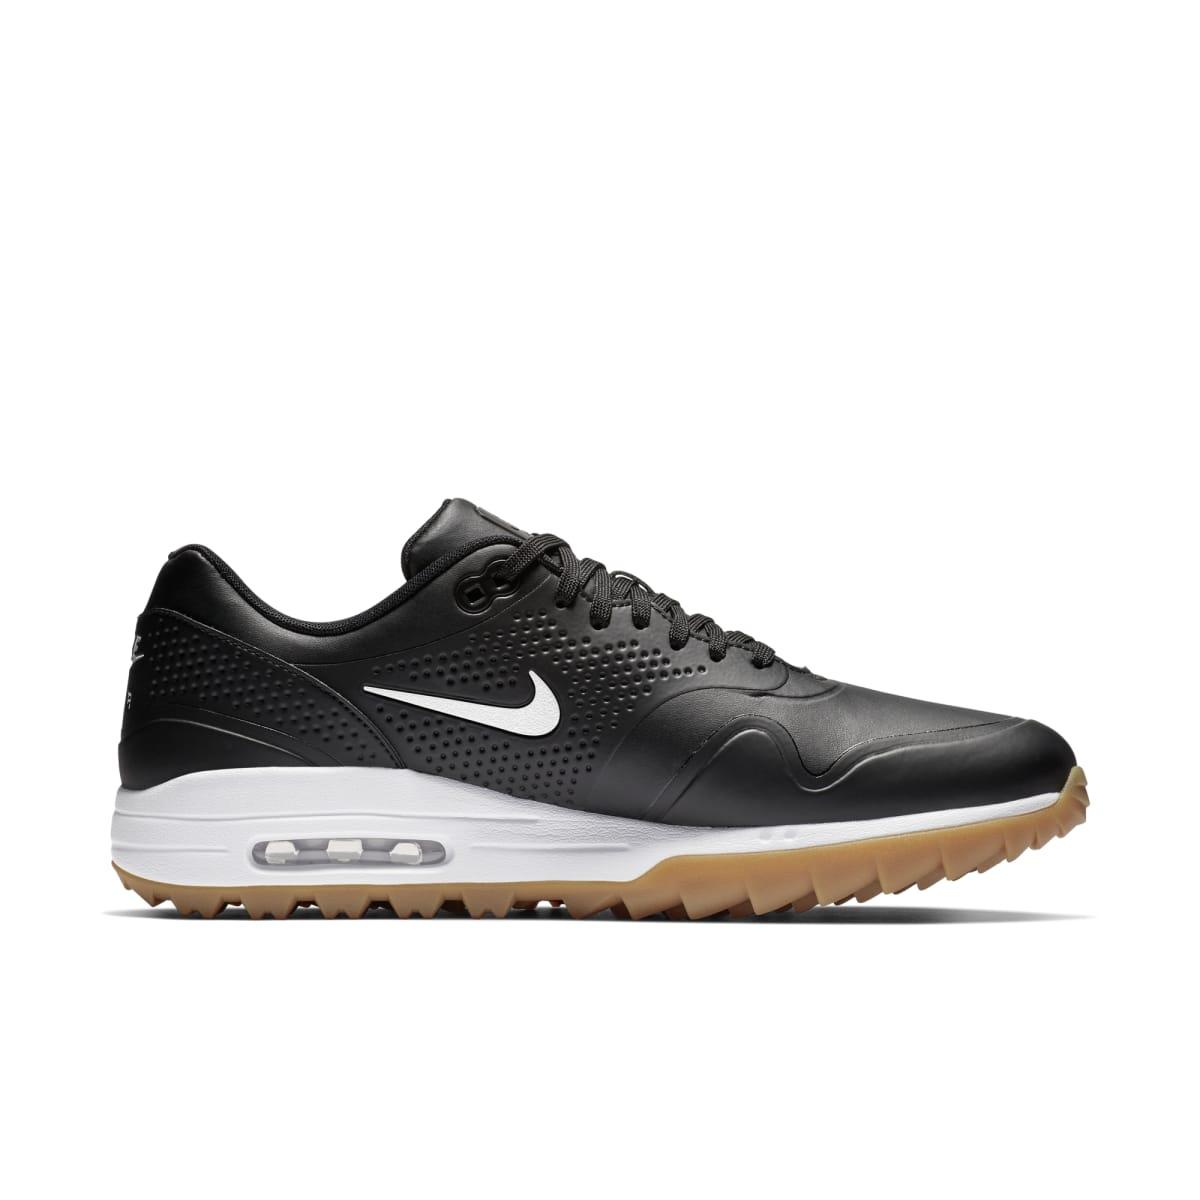 Nike Air Max 1 Golf Black Gum Nike Sole Collector